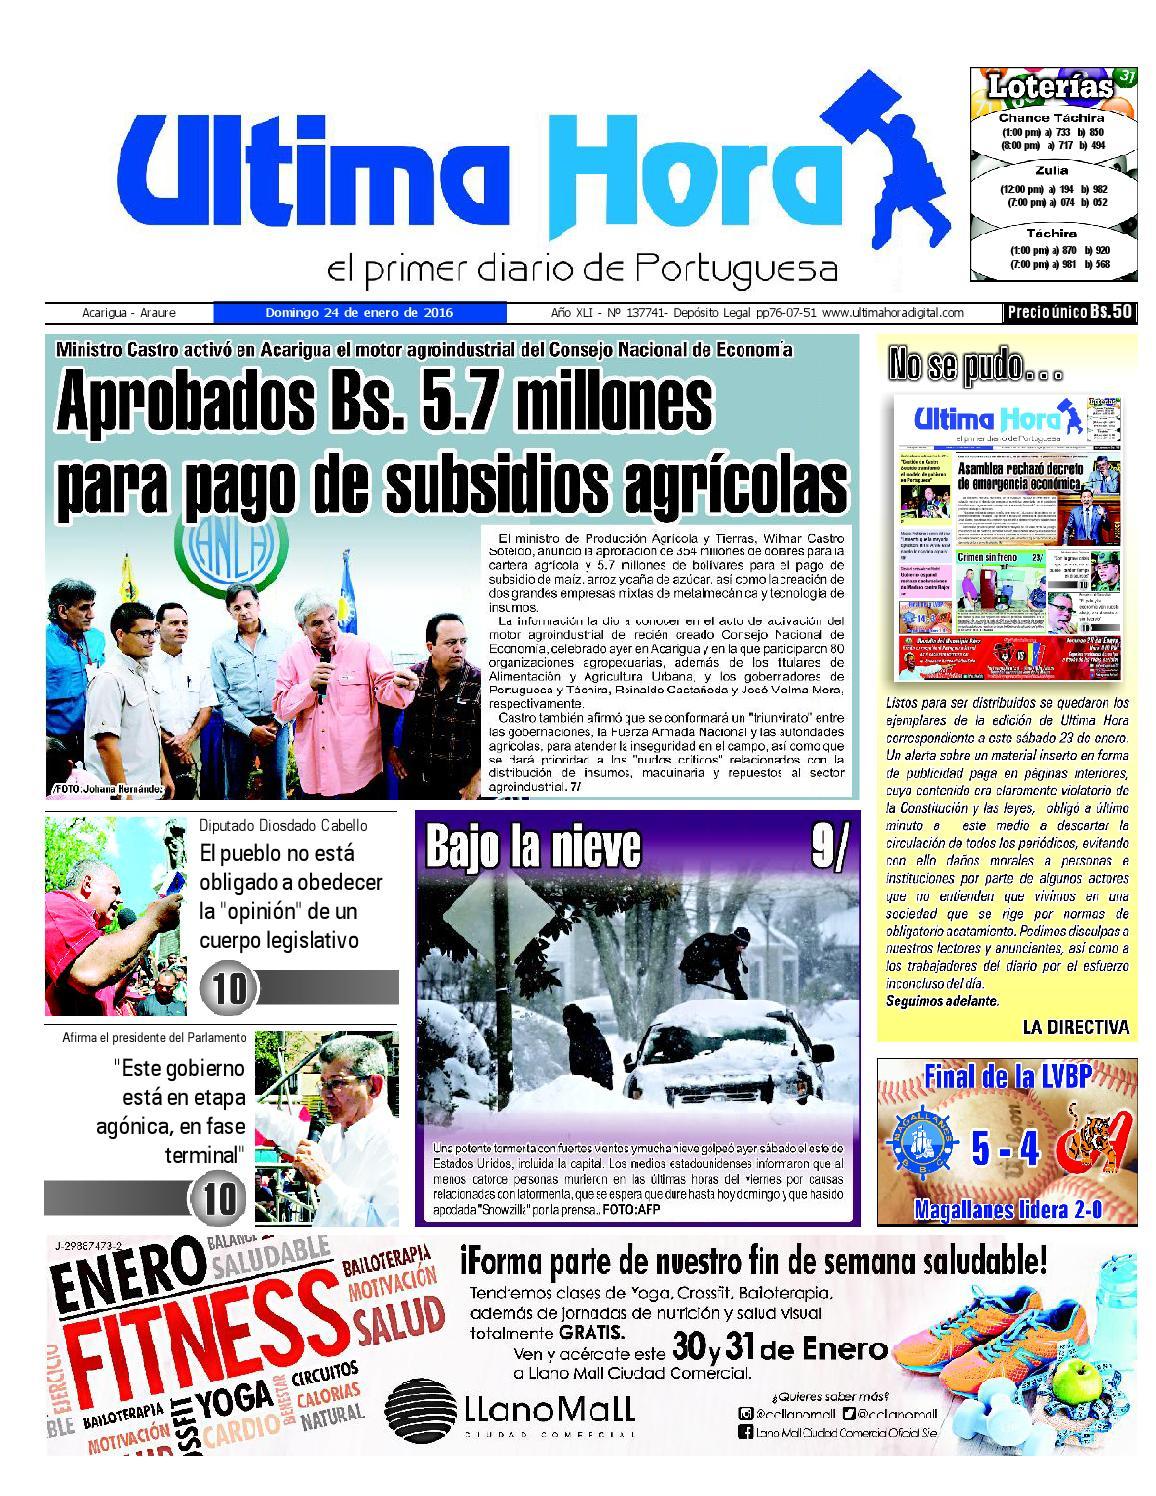 Edicion24 01 16 by Ultima Hora - El primer diario de Portuguesa - issuu